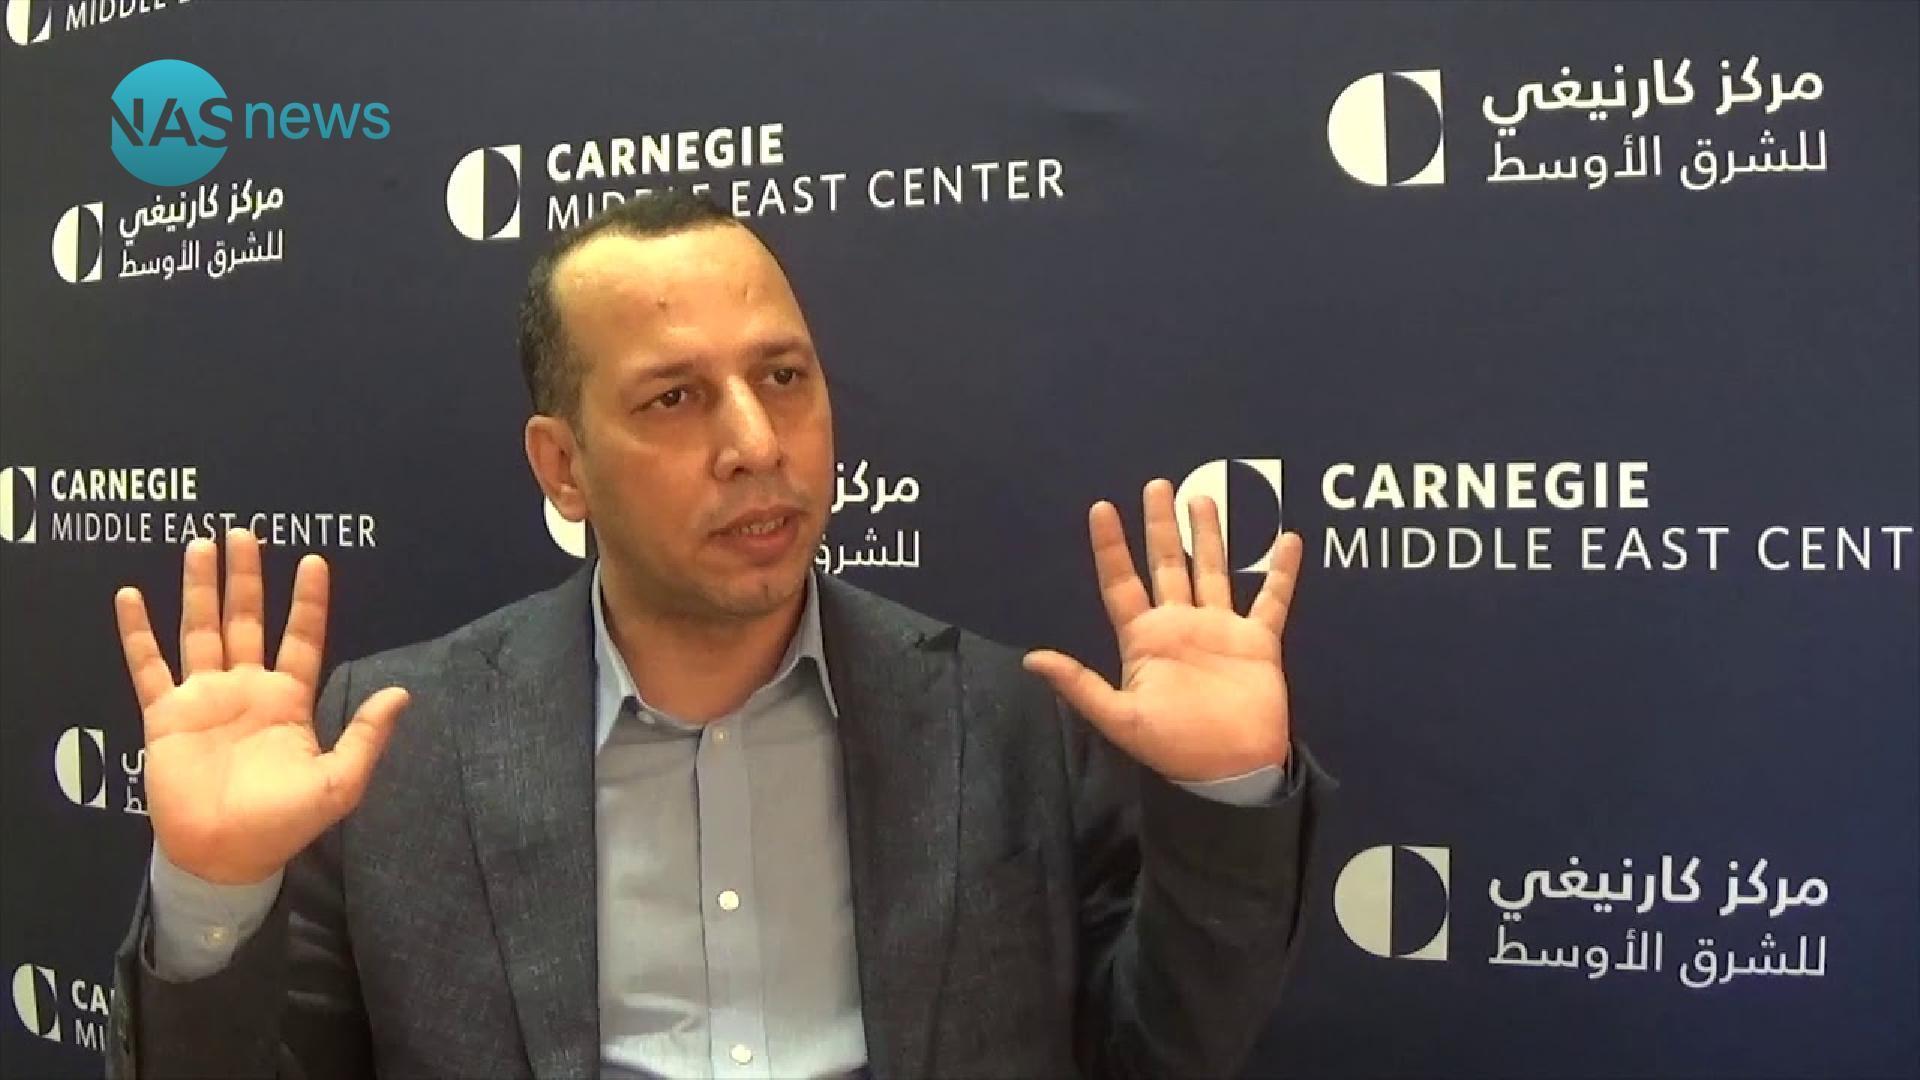 نيويورك تايمز: فصائل مدعومة من إيران هددت الهاشمي لكنه لم يغادر إلى أربيل